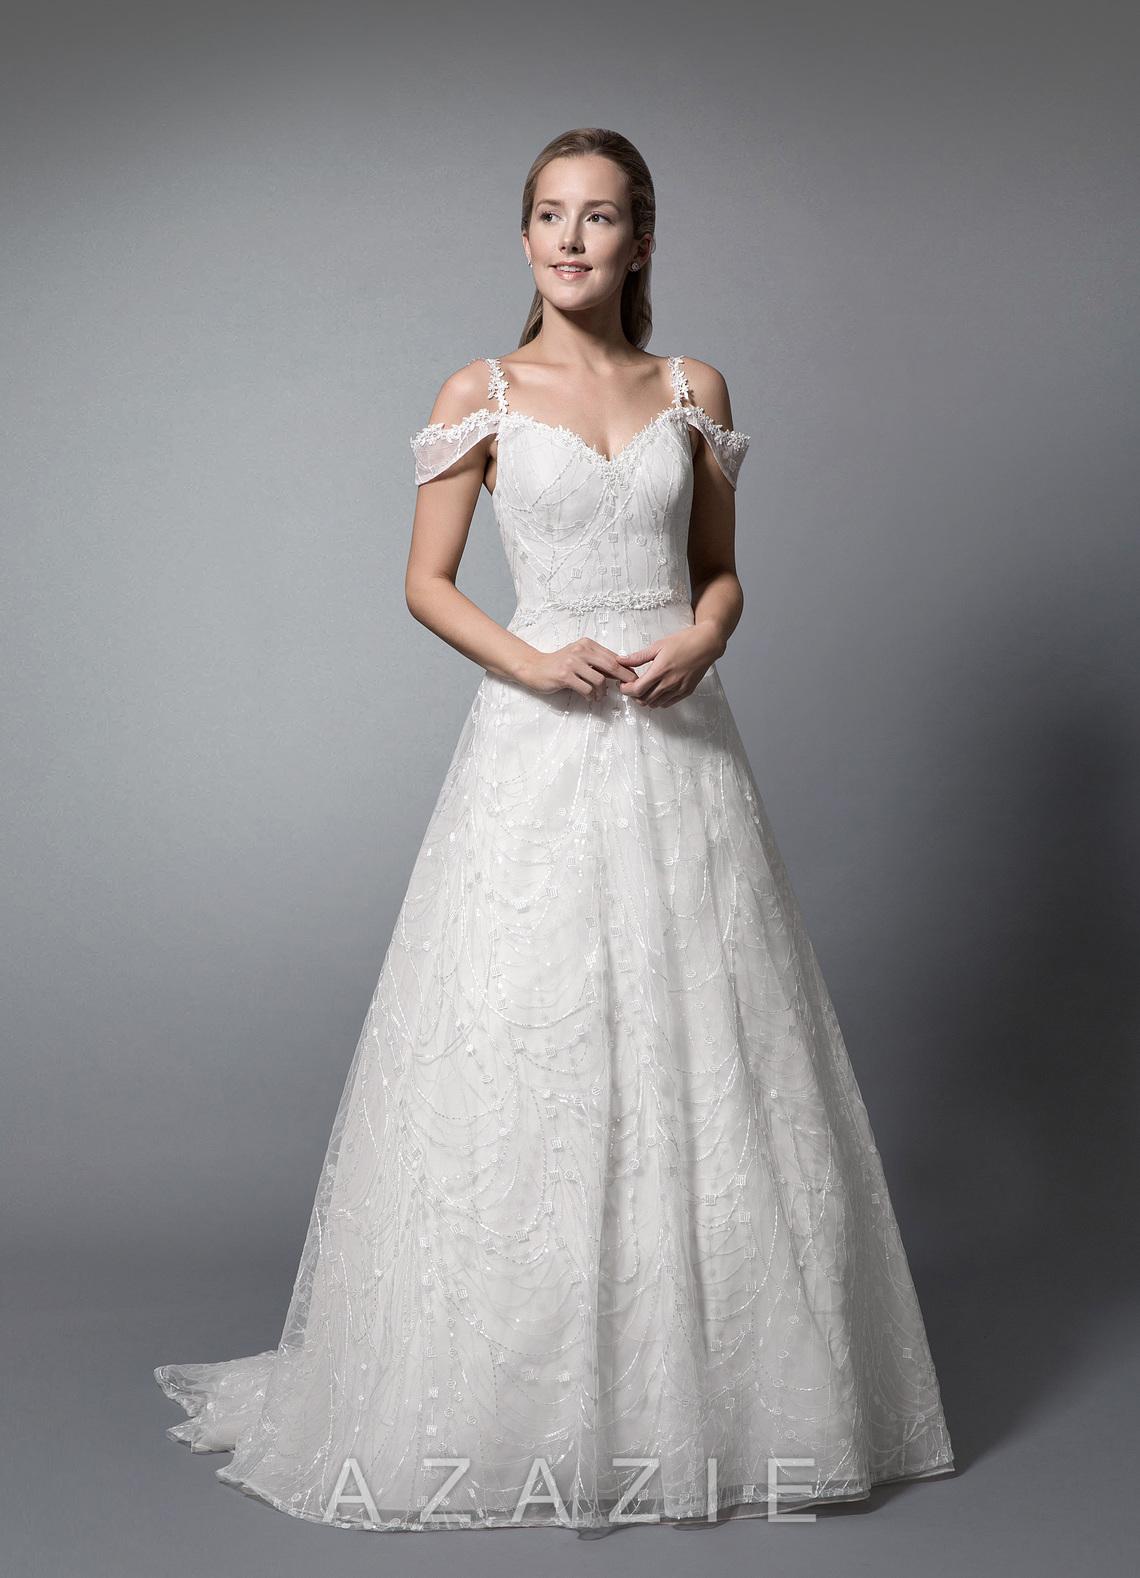 a9827fd90d1 Azazie Kyrene BG Wedding Dress